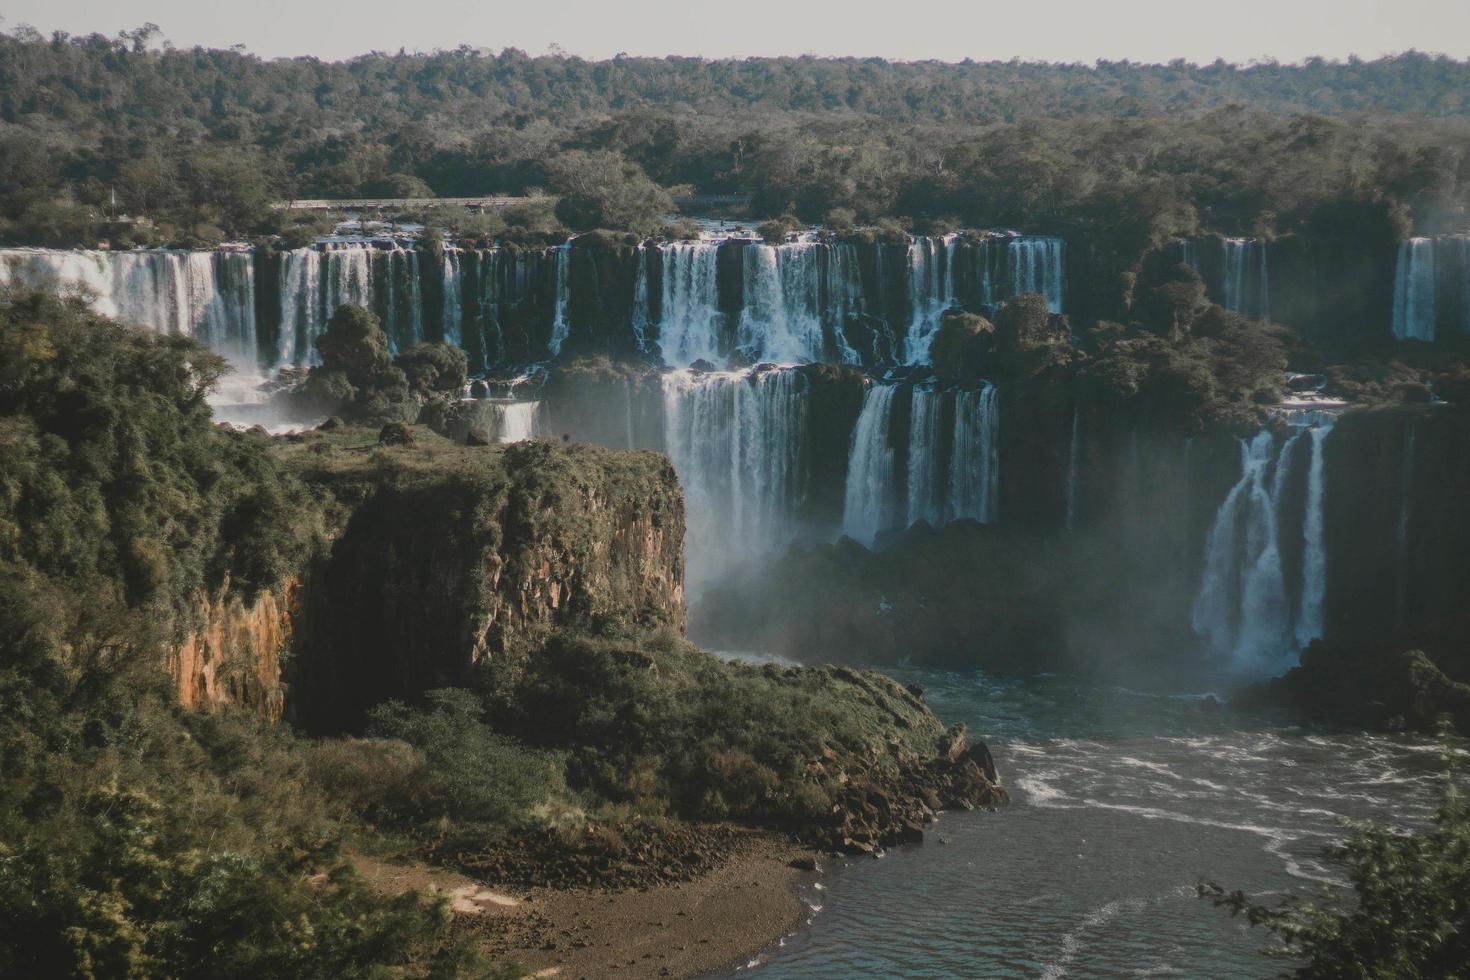 vista panoramica della cascata durante il giorno foto